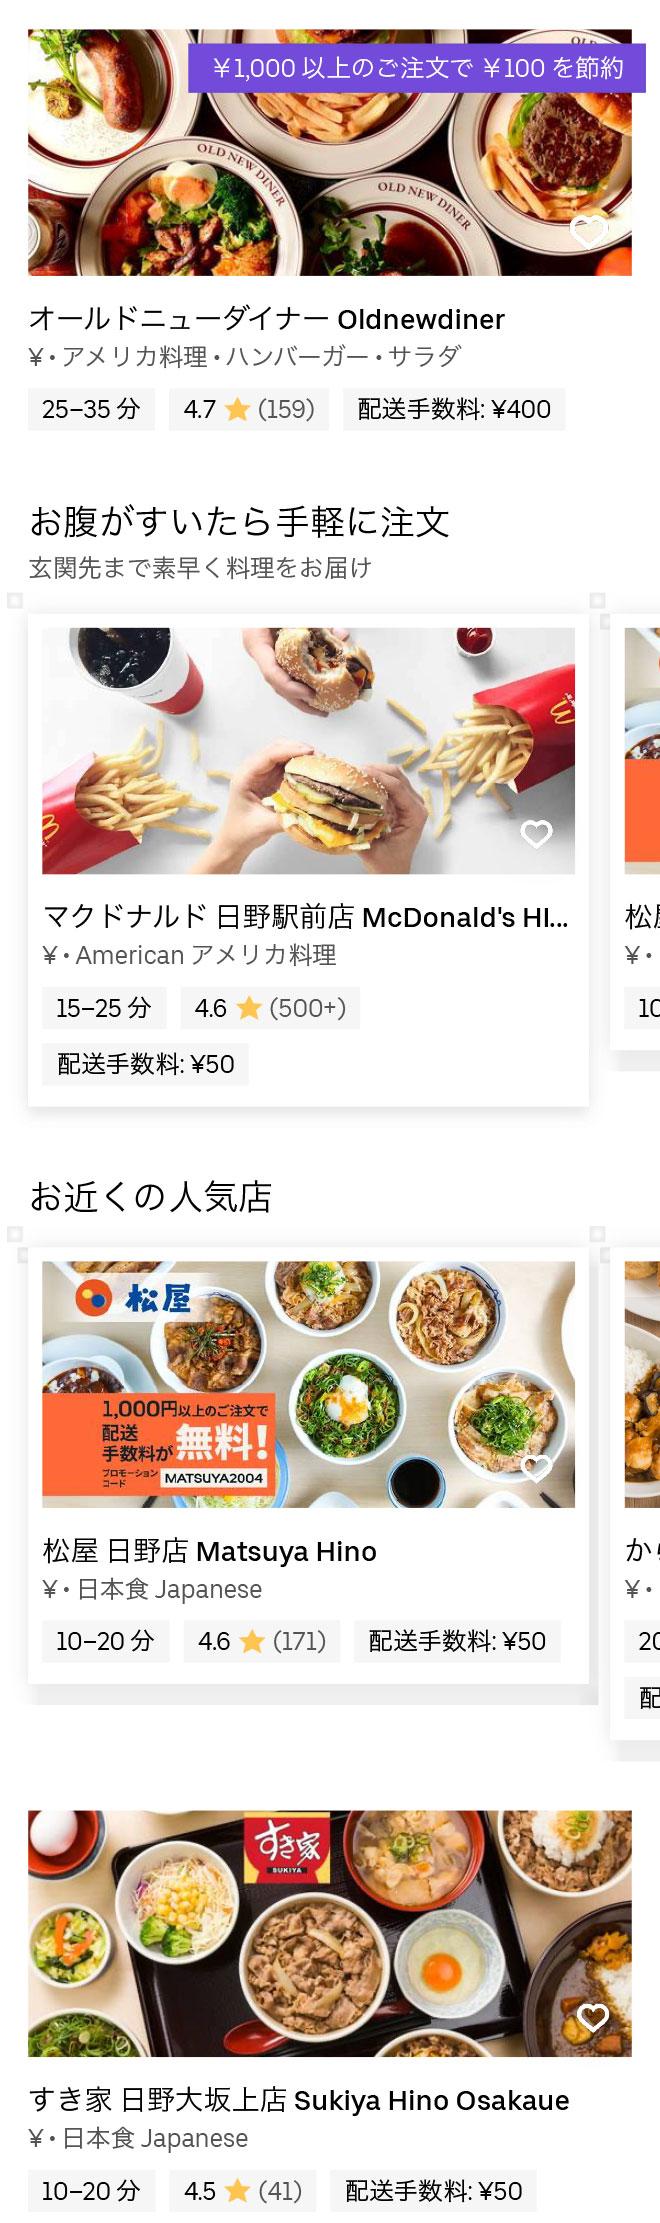 Tokyo hino menu 200401